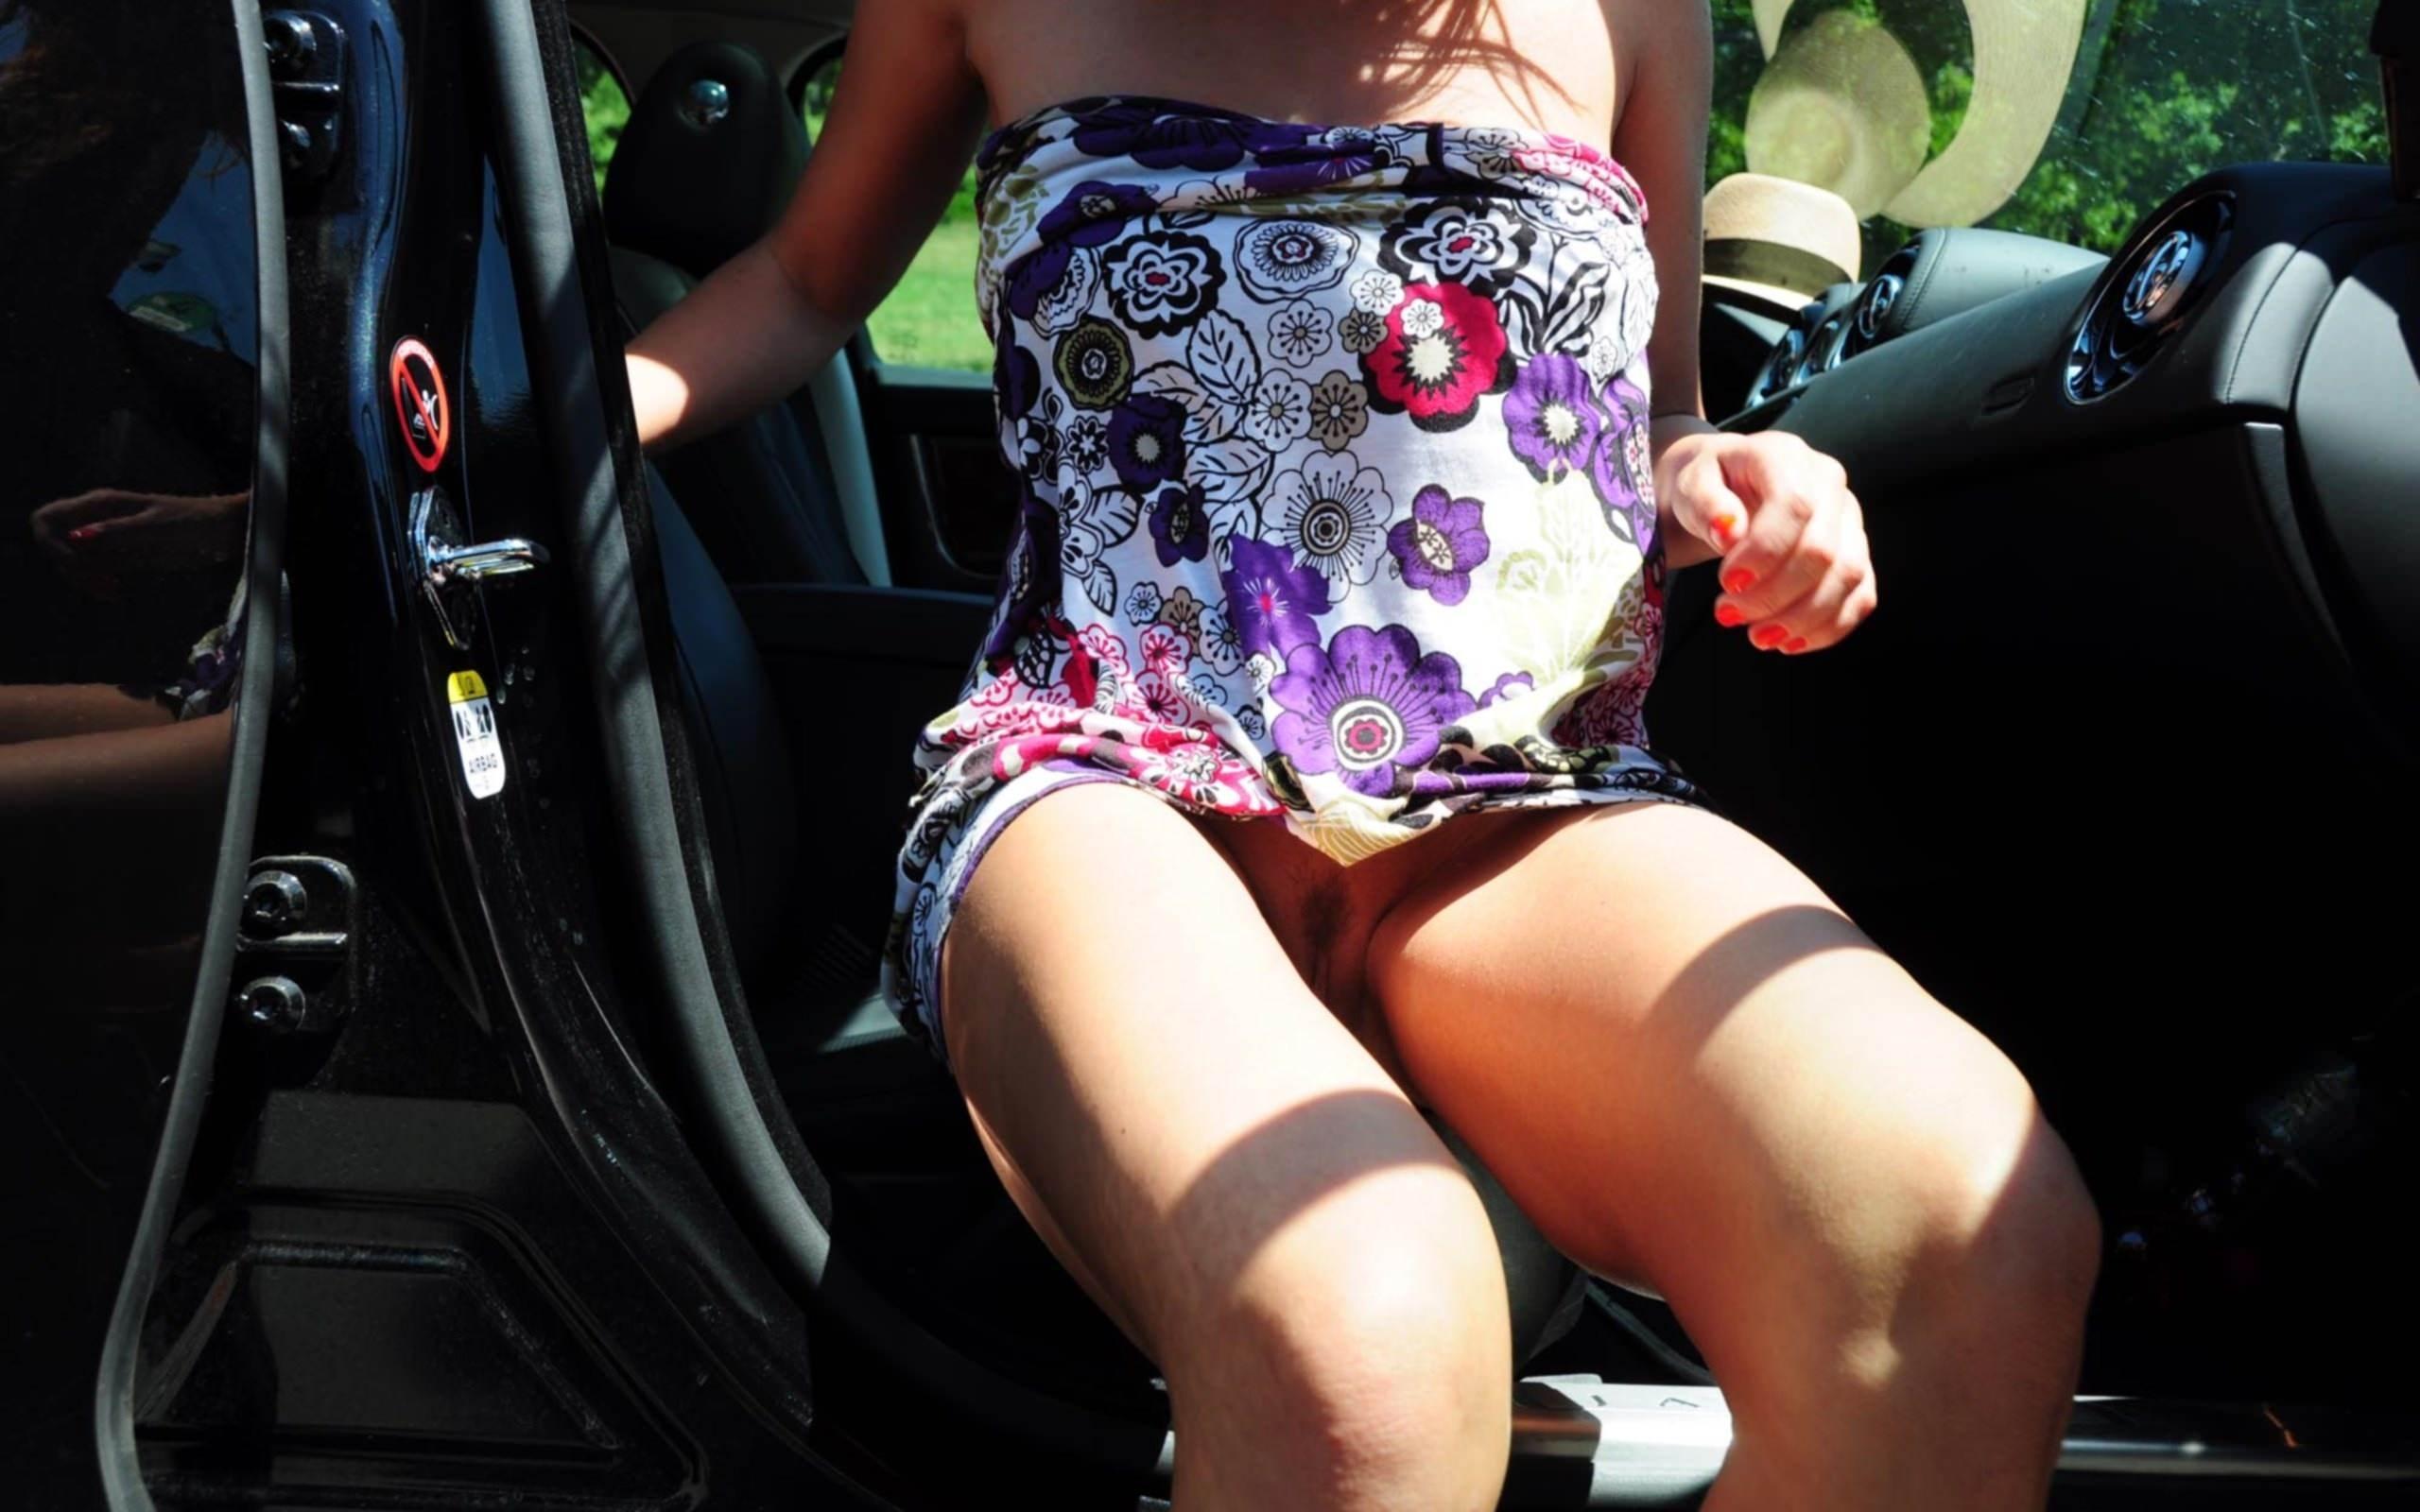 Фото Девушка без трусиков в коротком ярком платье выходит из авто, скачать картинку бесплатно